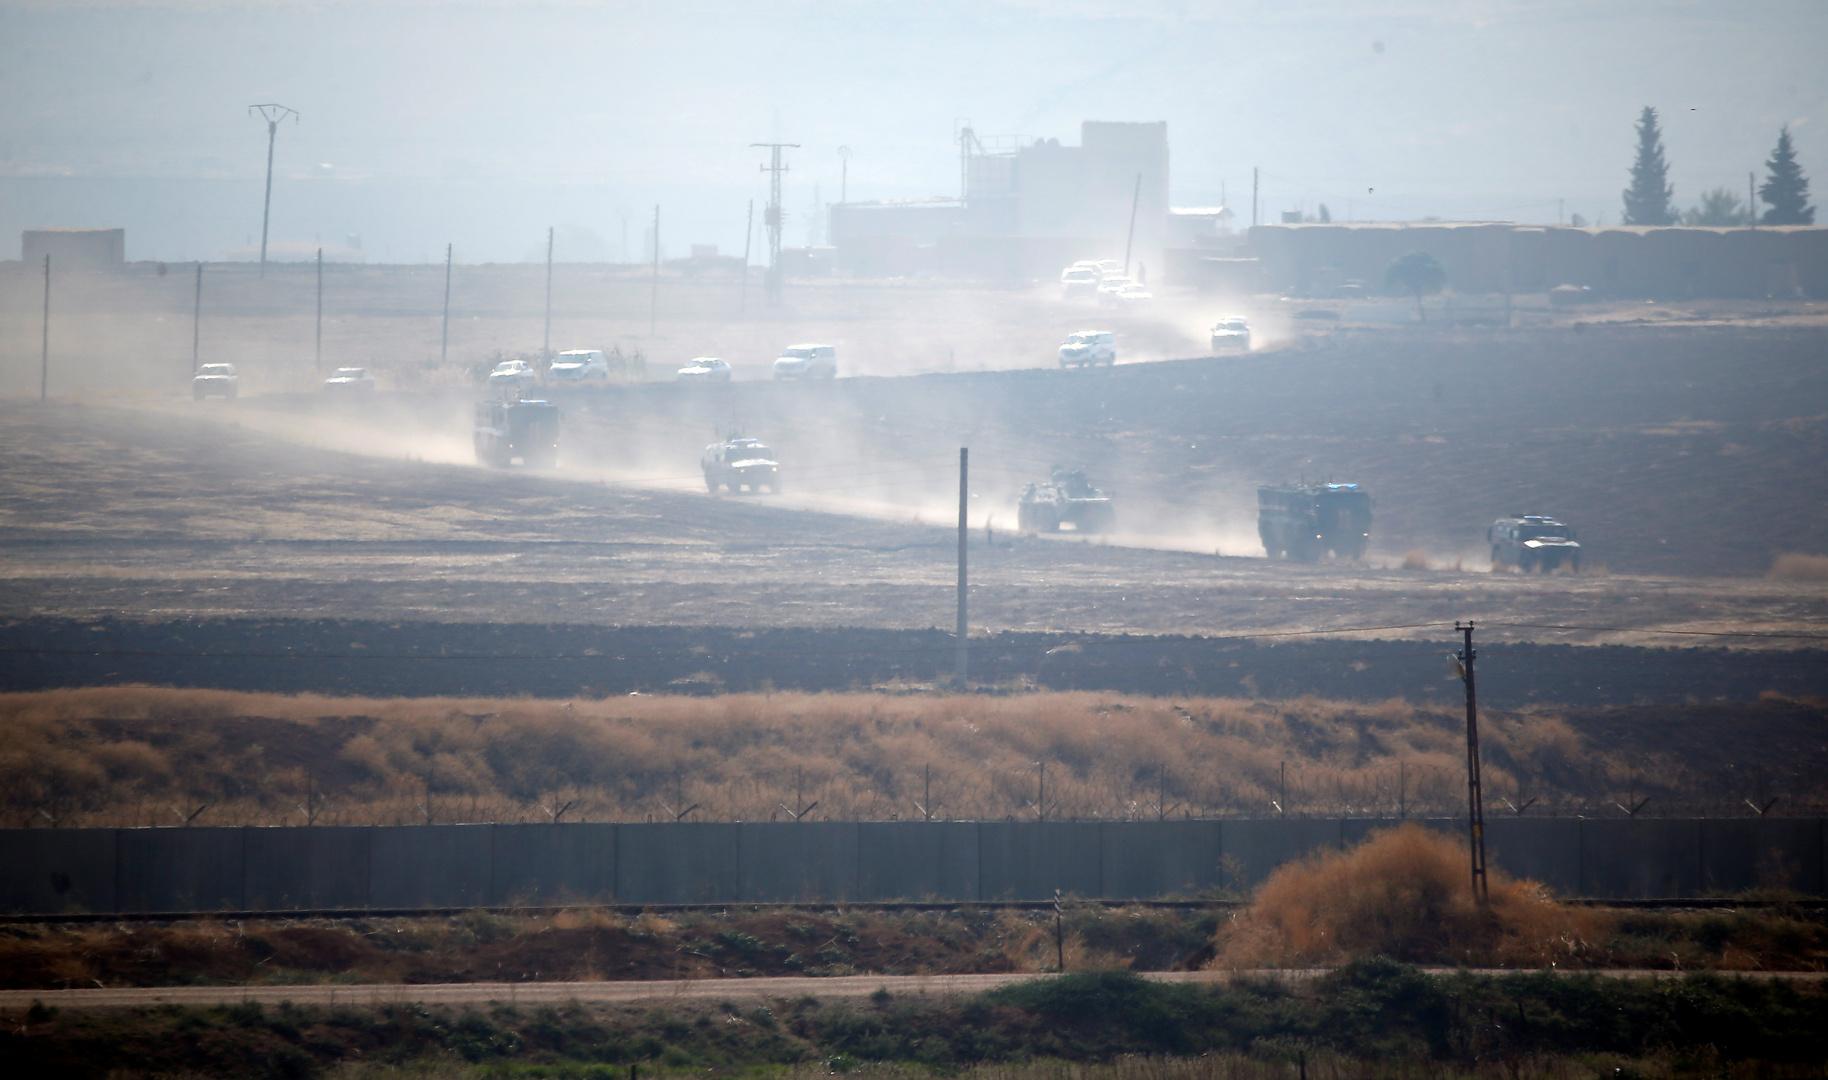 دورية روسية تركية مشتركة شمال شرق سوريا.